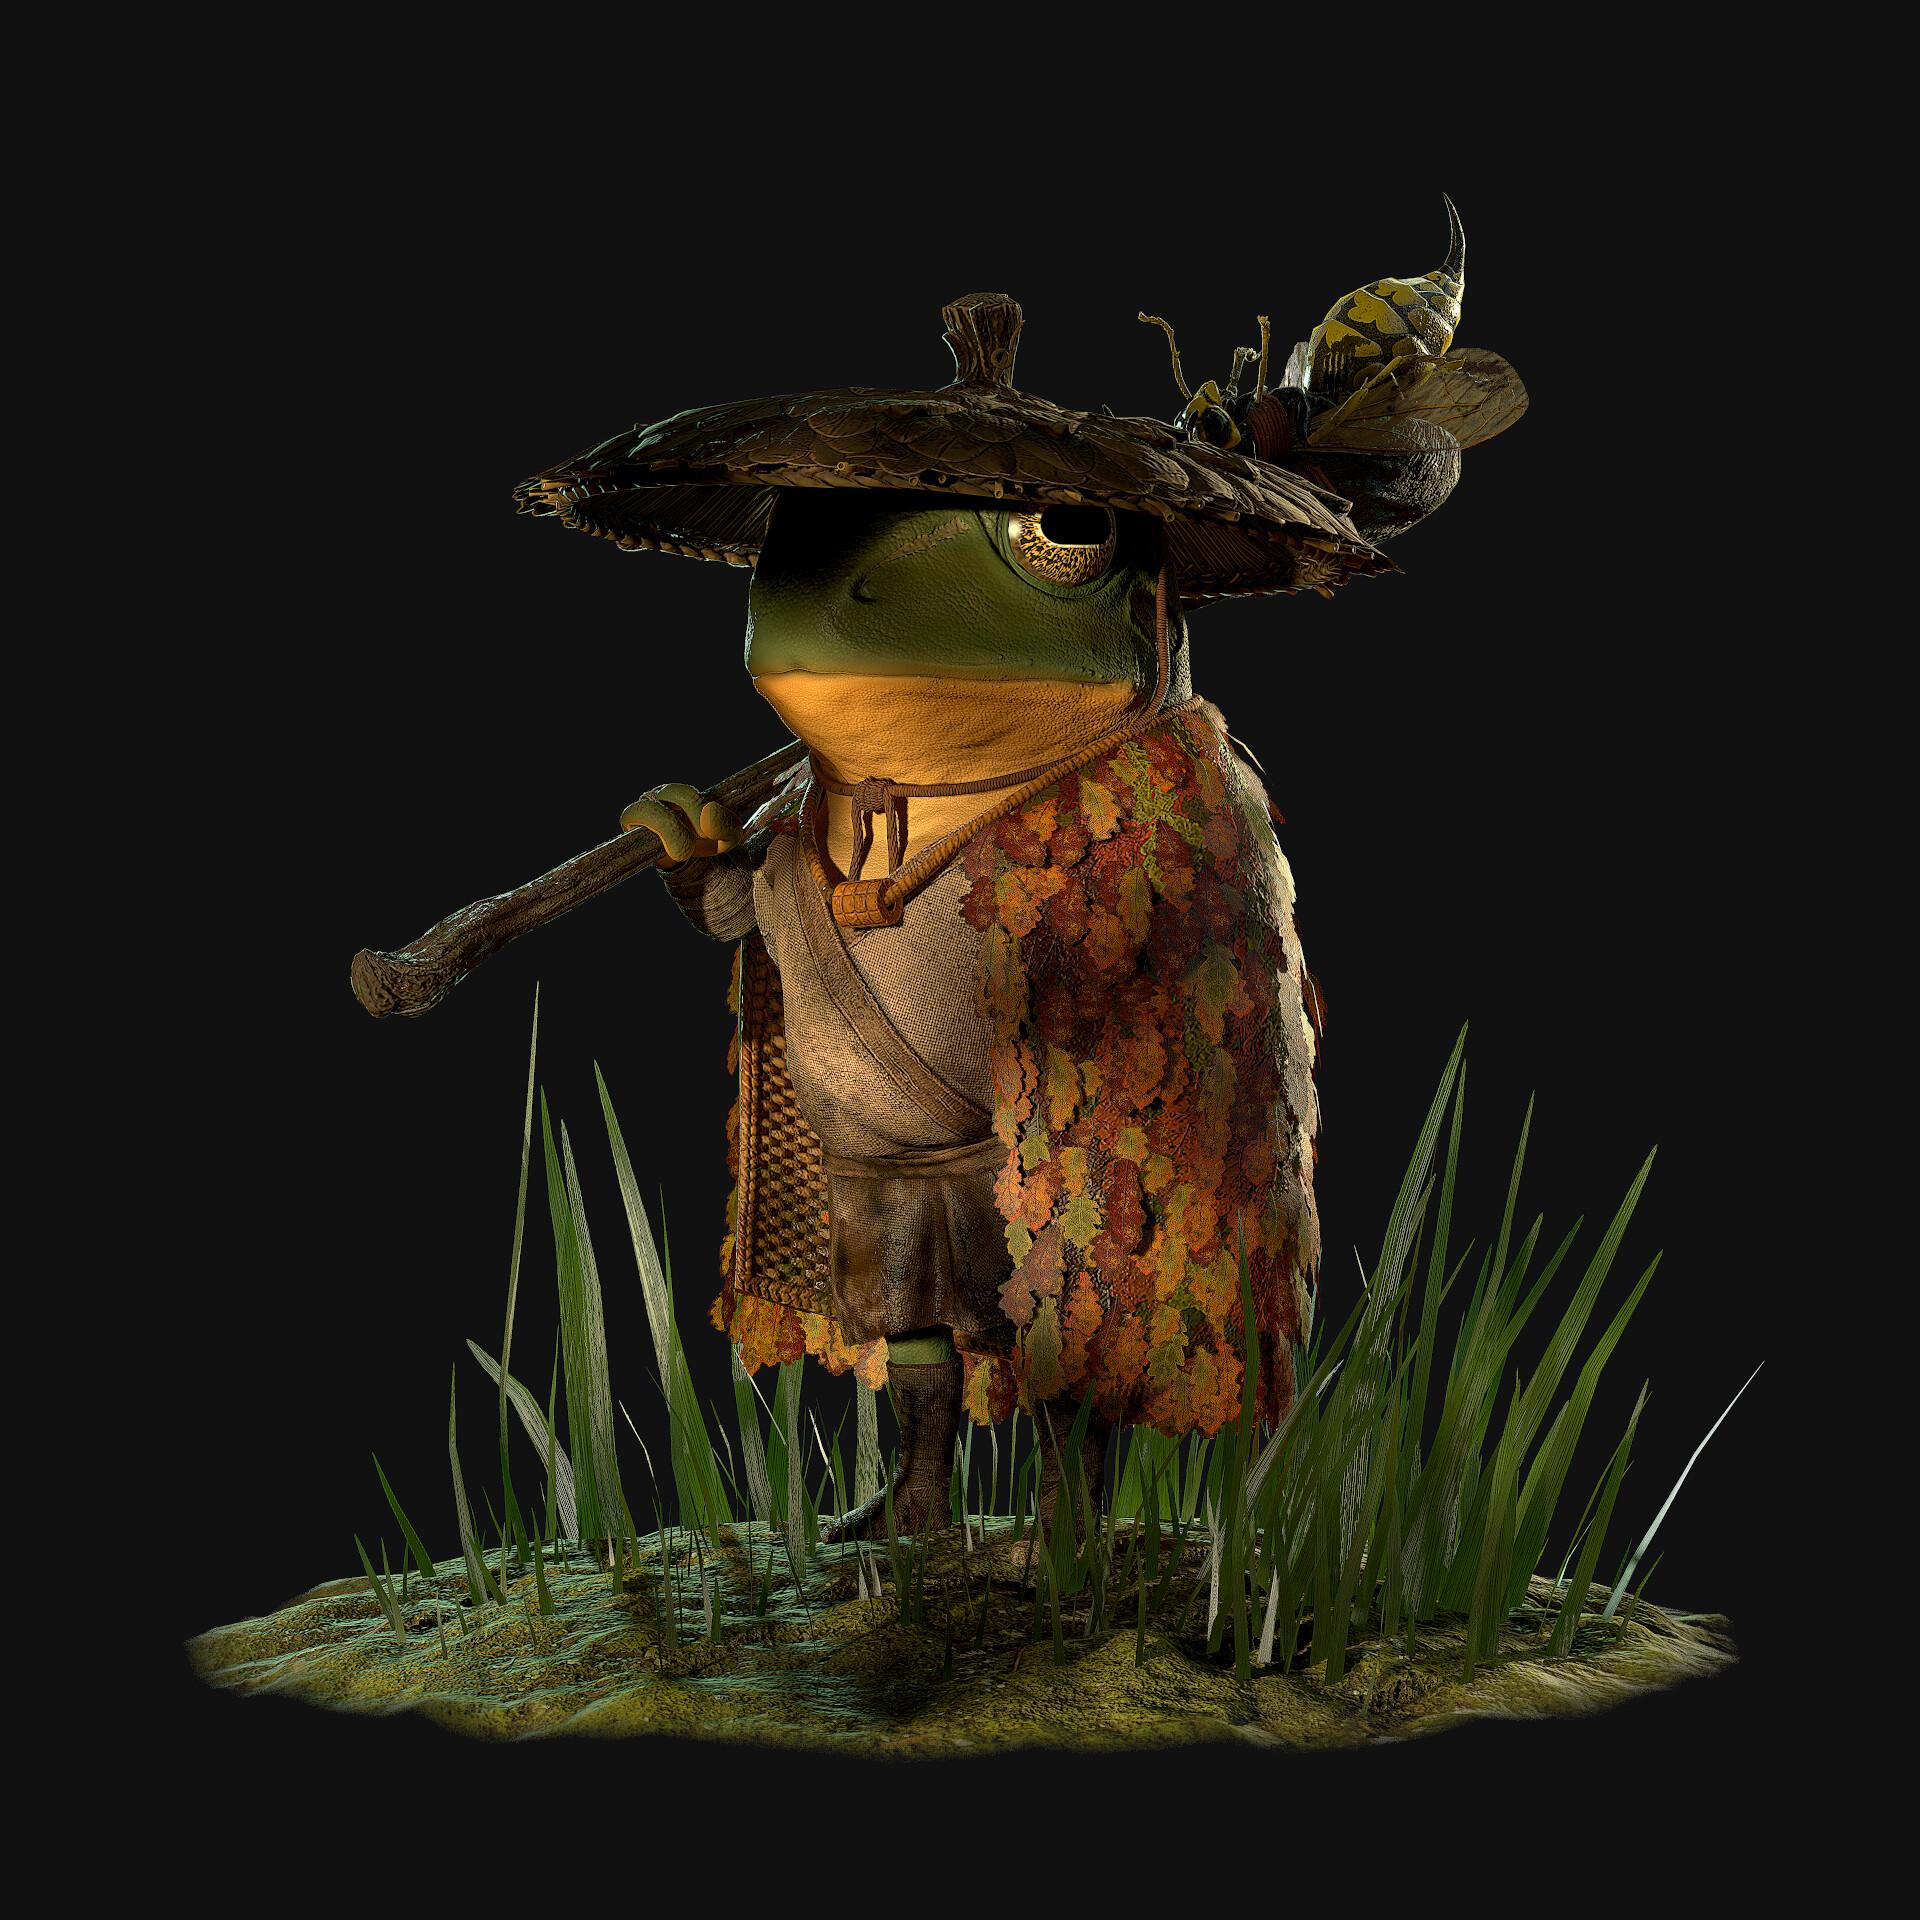 Philipp Kruchkovski Samurai Frog